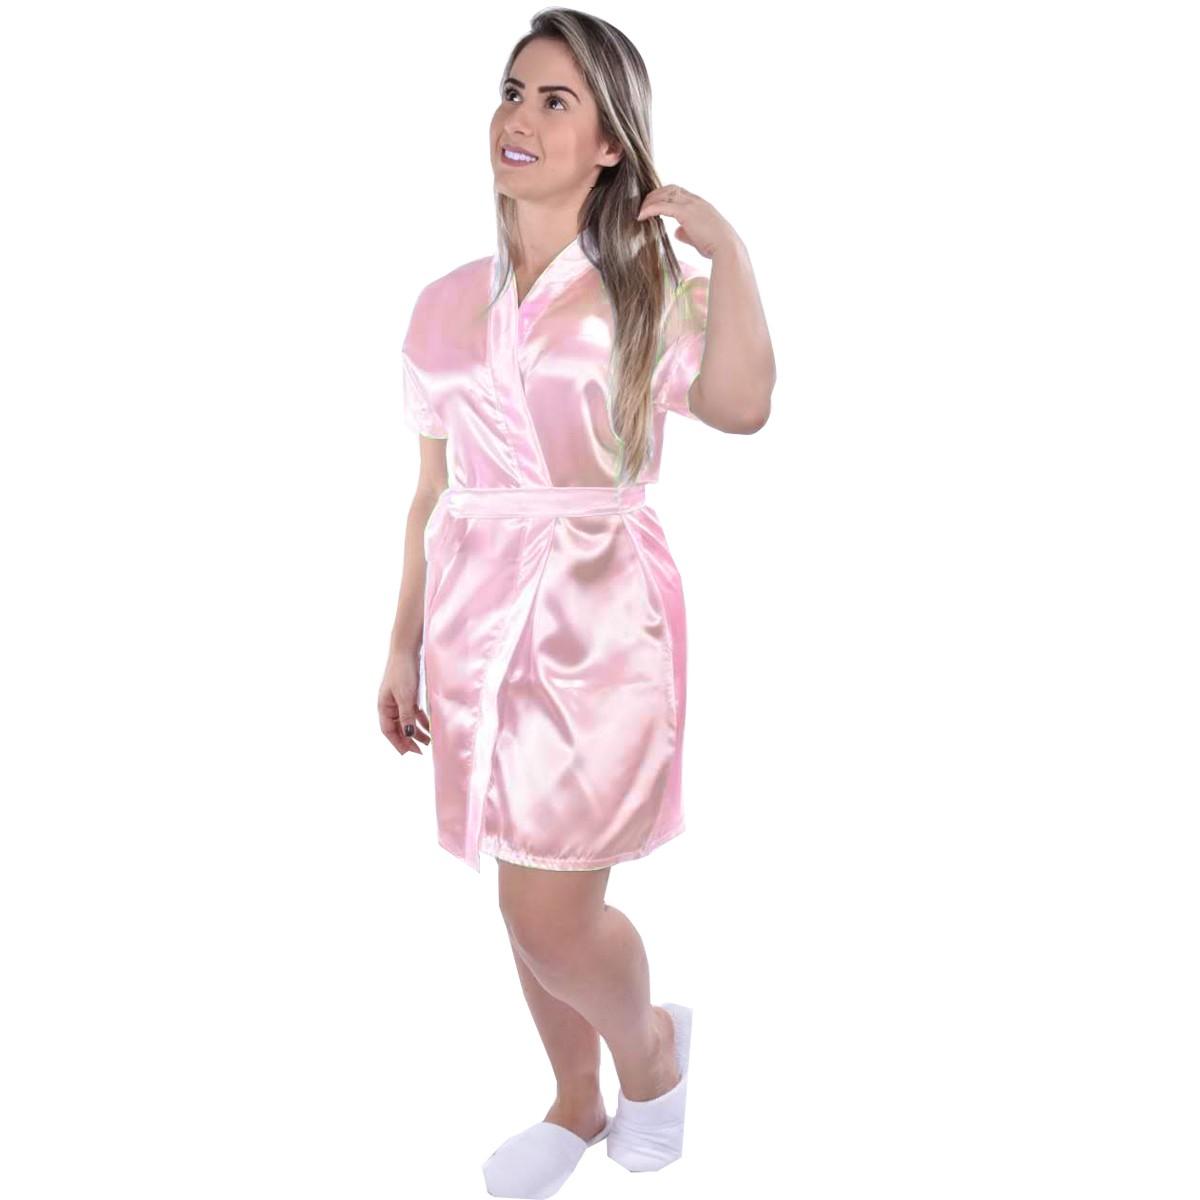 Robe Seda Cetim Manga Curta Liso Feminino Adulto Ref: 7104